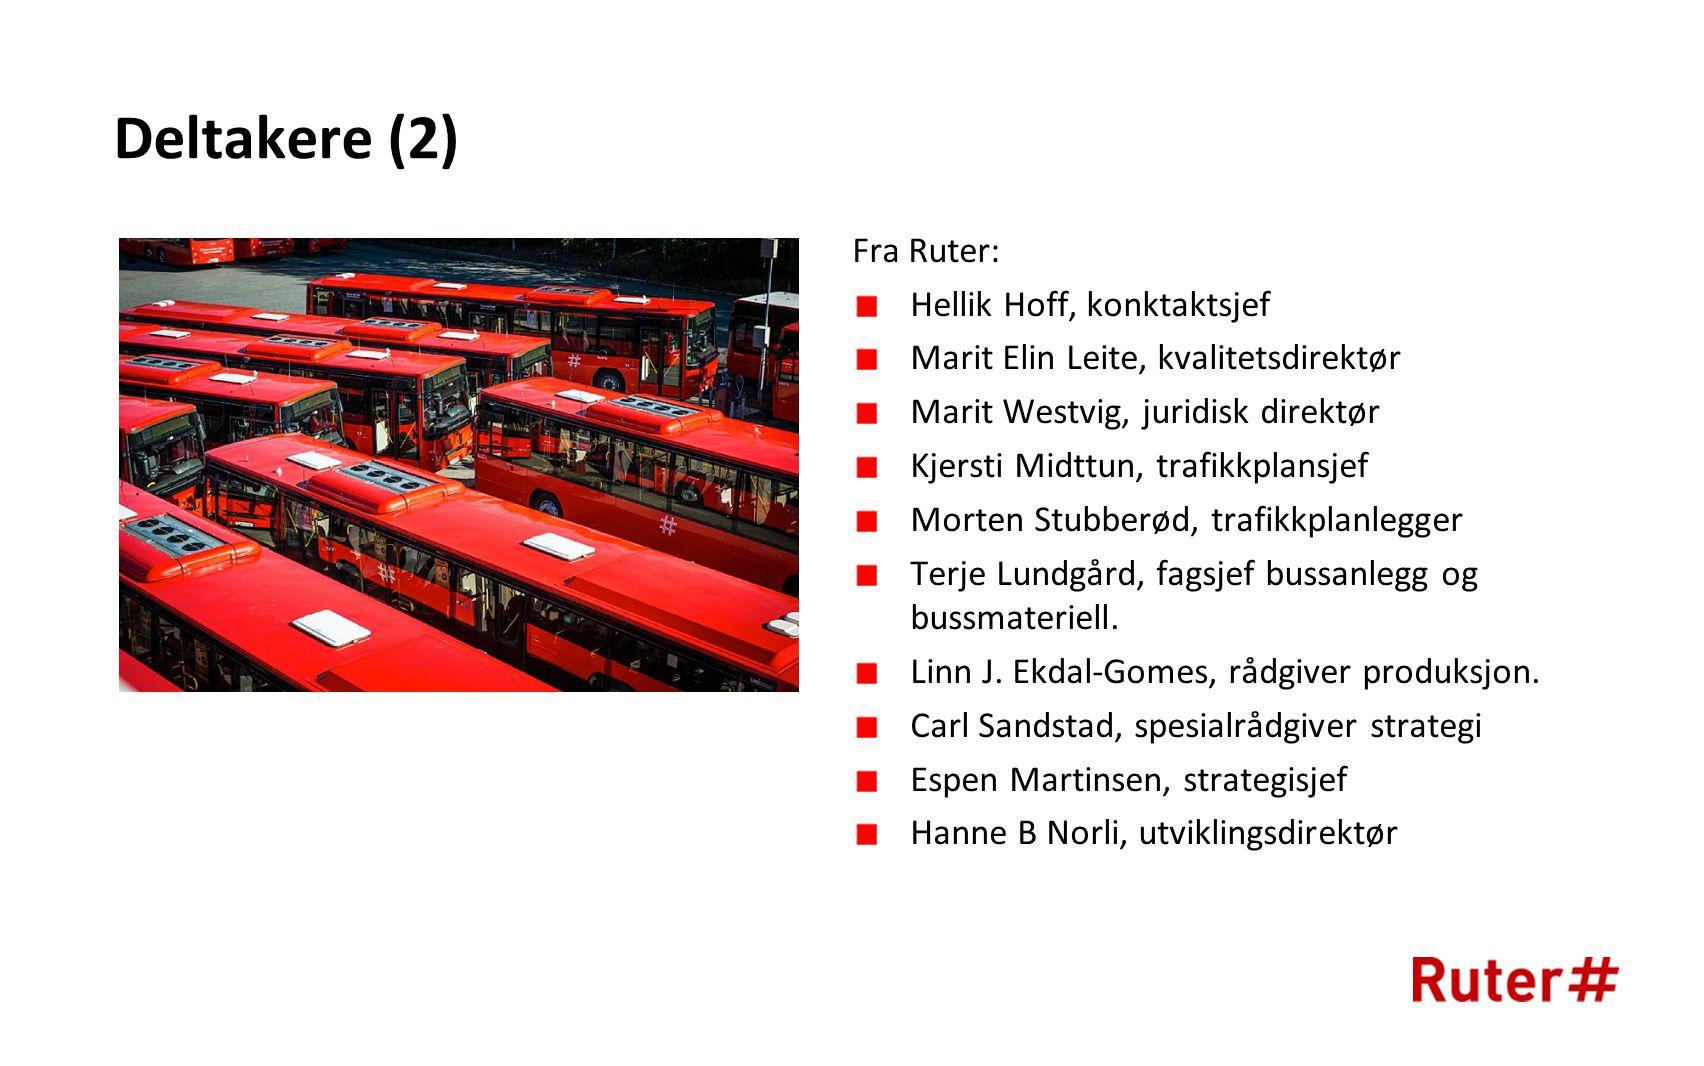 Behov for opparbeiding av ny kapasitet: -Bærum øst -Groruddalen -Lørenskog -Gjerdrum -Jessheim -Sørumsand Ønsket bussanleggsstruktur 2030